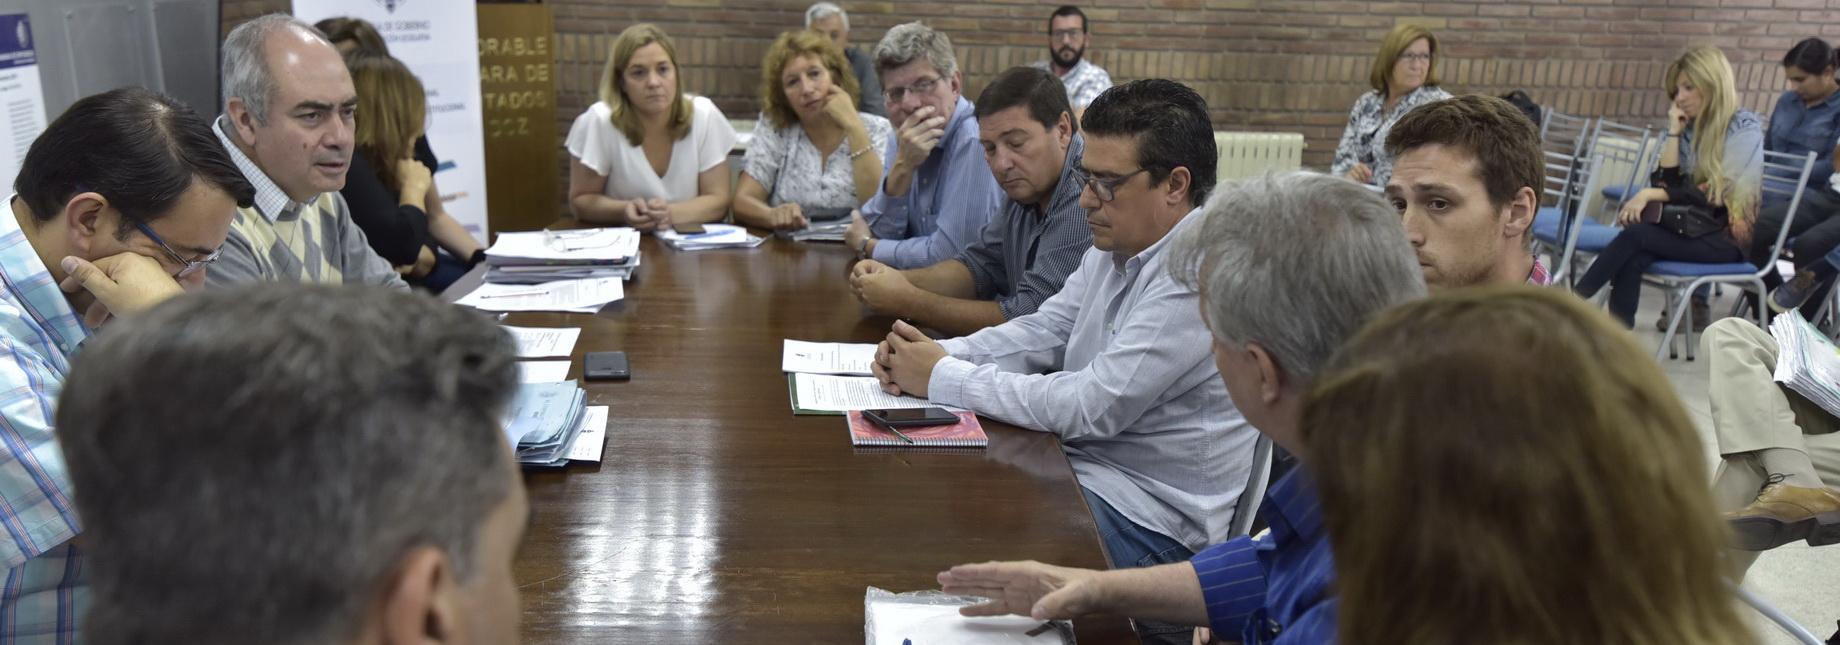 Resultado de imagen para comisión de Legislación y Asuntos Constitucionales (LAC), que preside Jorge Albarracín (UCR) analizaron el proyecto de Ley de creación del Colegio de Ingenieros Agrónomos de la Provincia de Mendoza, que es impulsado por Marcelo Aparicio (UC).